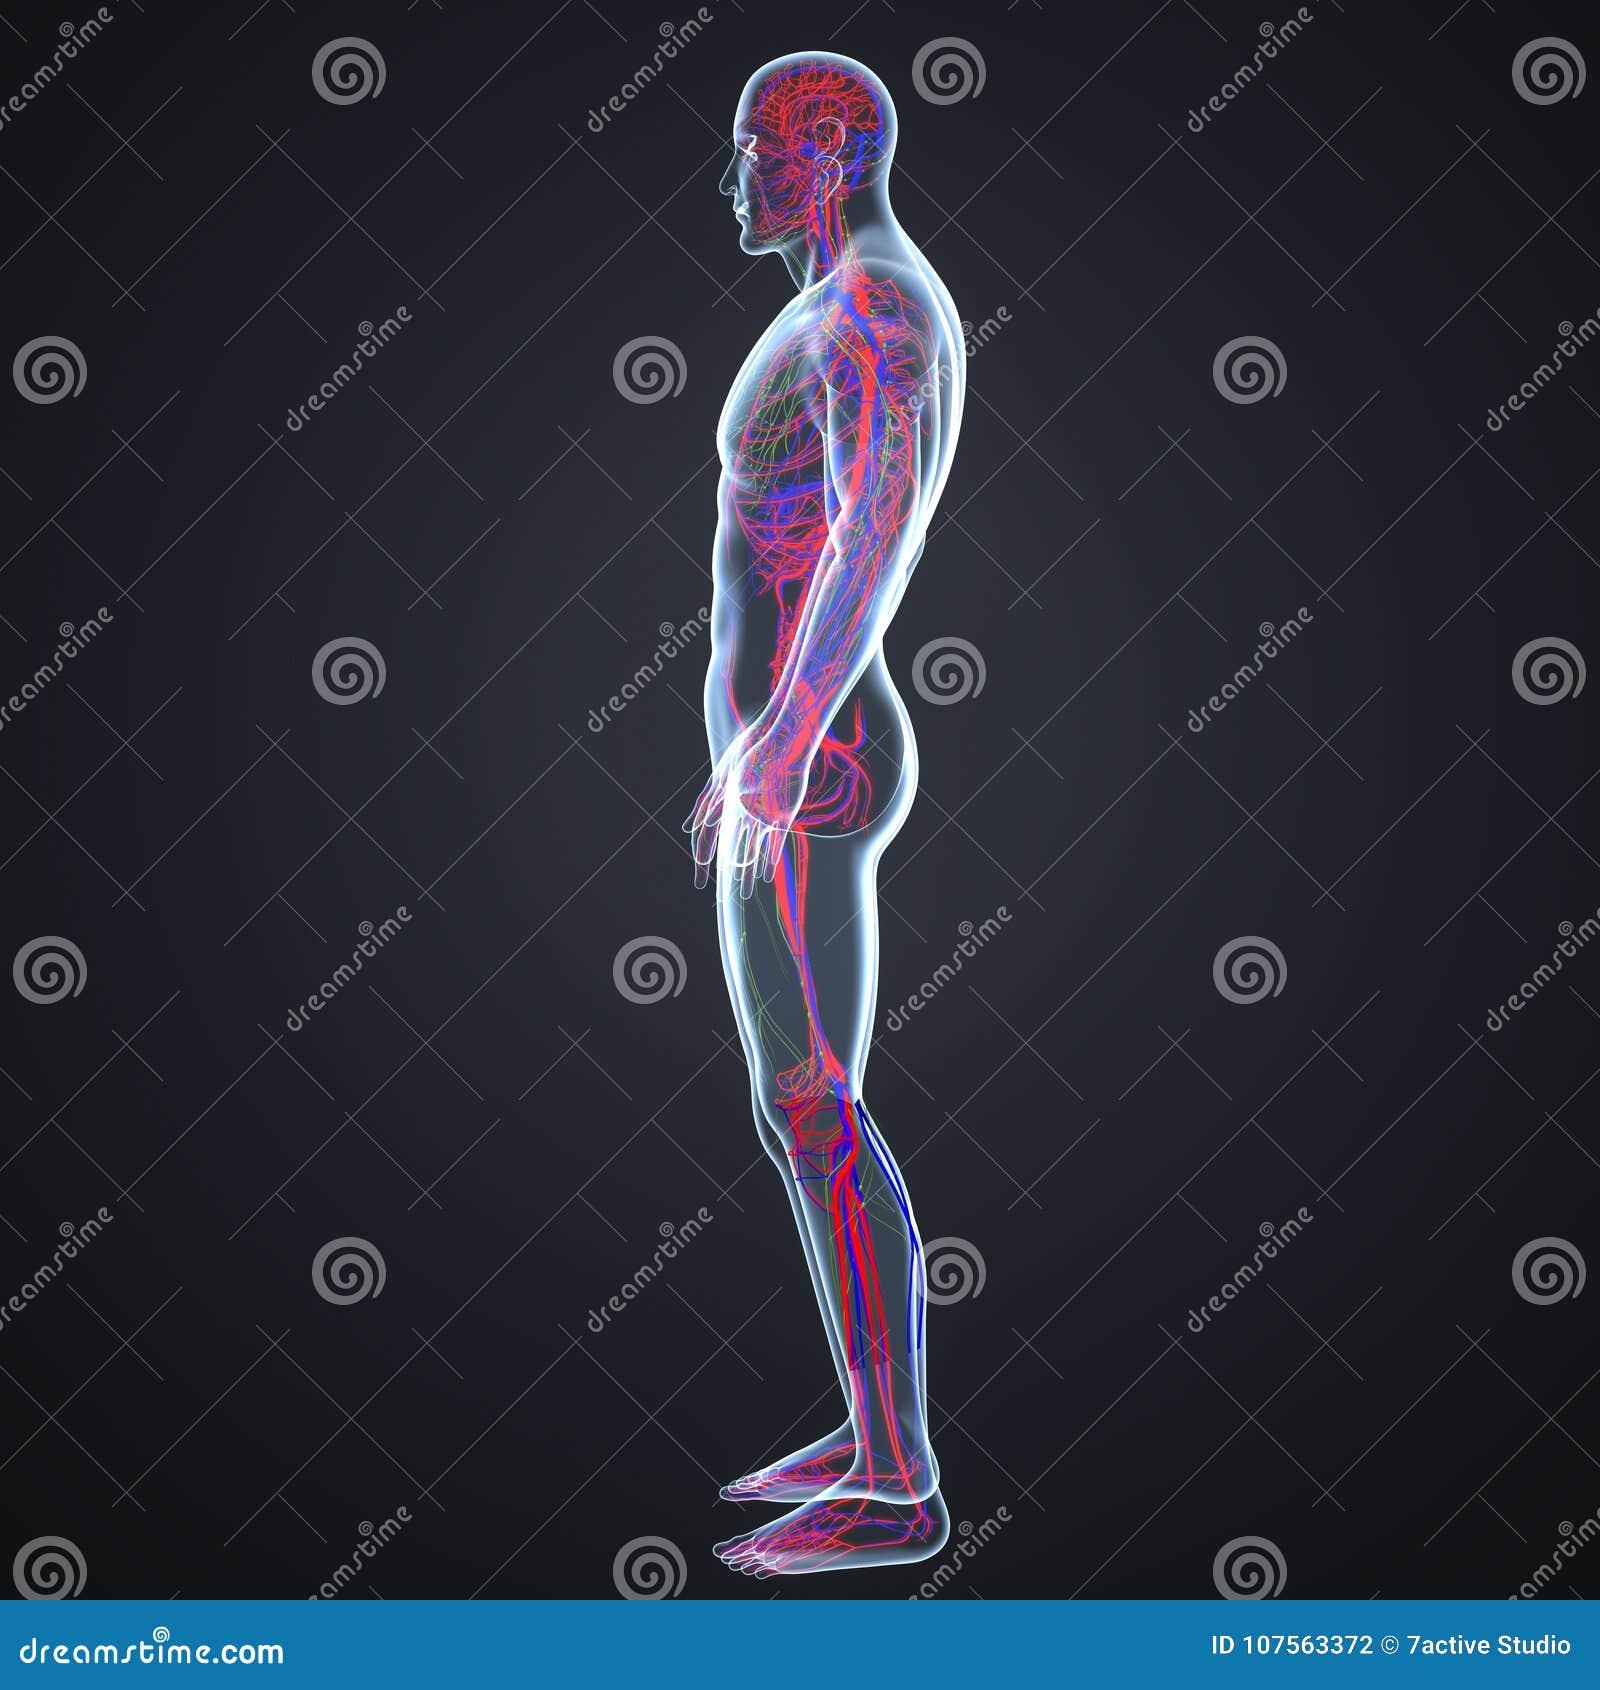 Arterien-, Ader- Und Lymphknoten In Der Menschlicher Körper ...